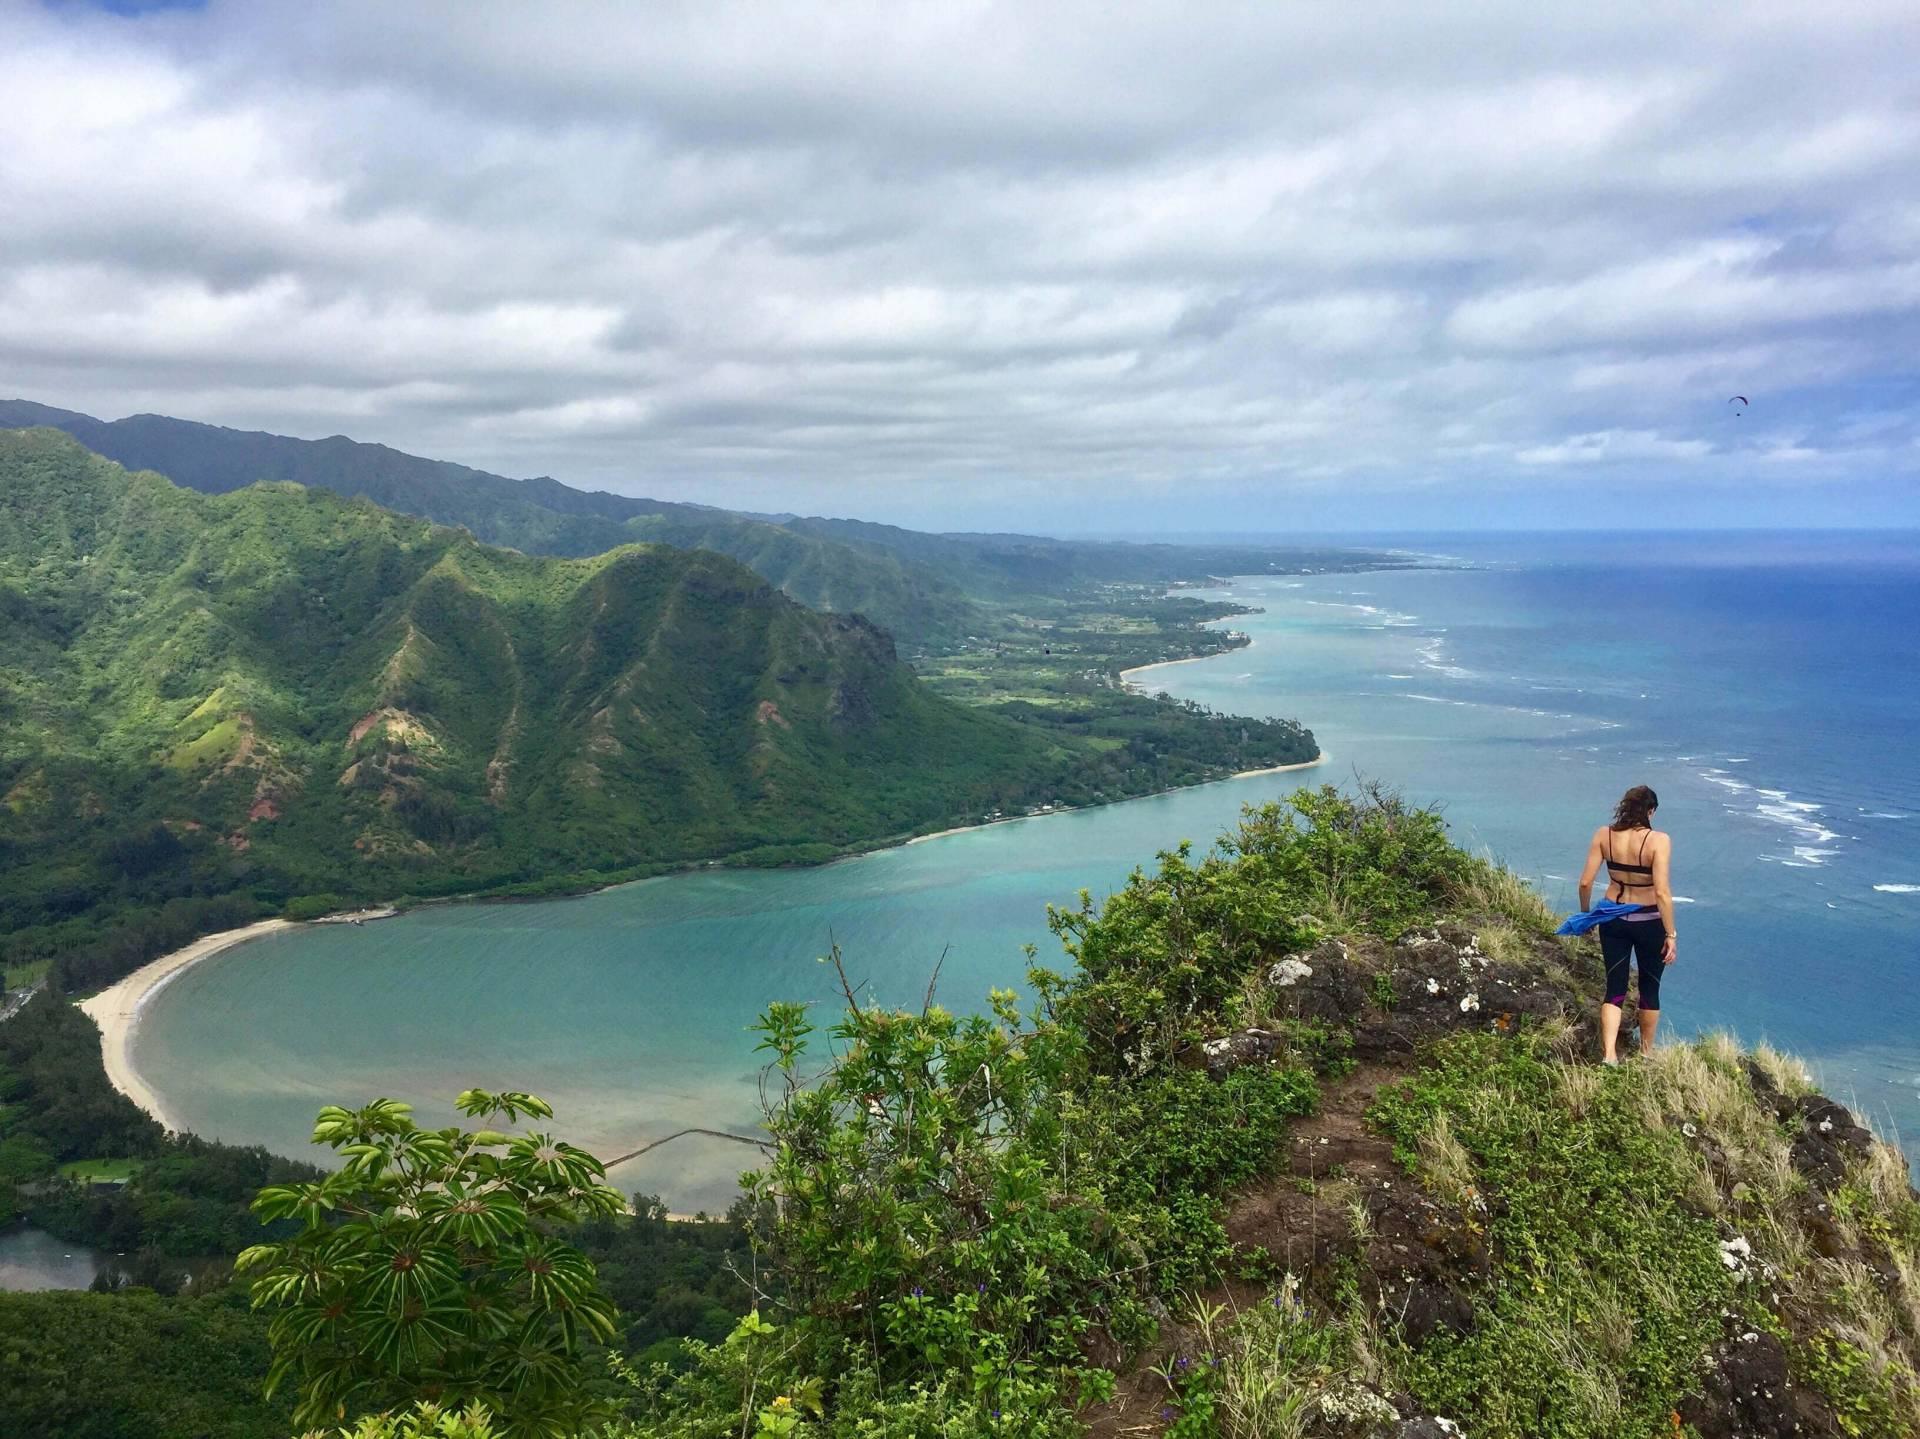 Hiking Pu'u Manamana on Oahu Hawaii